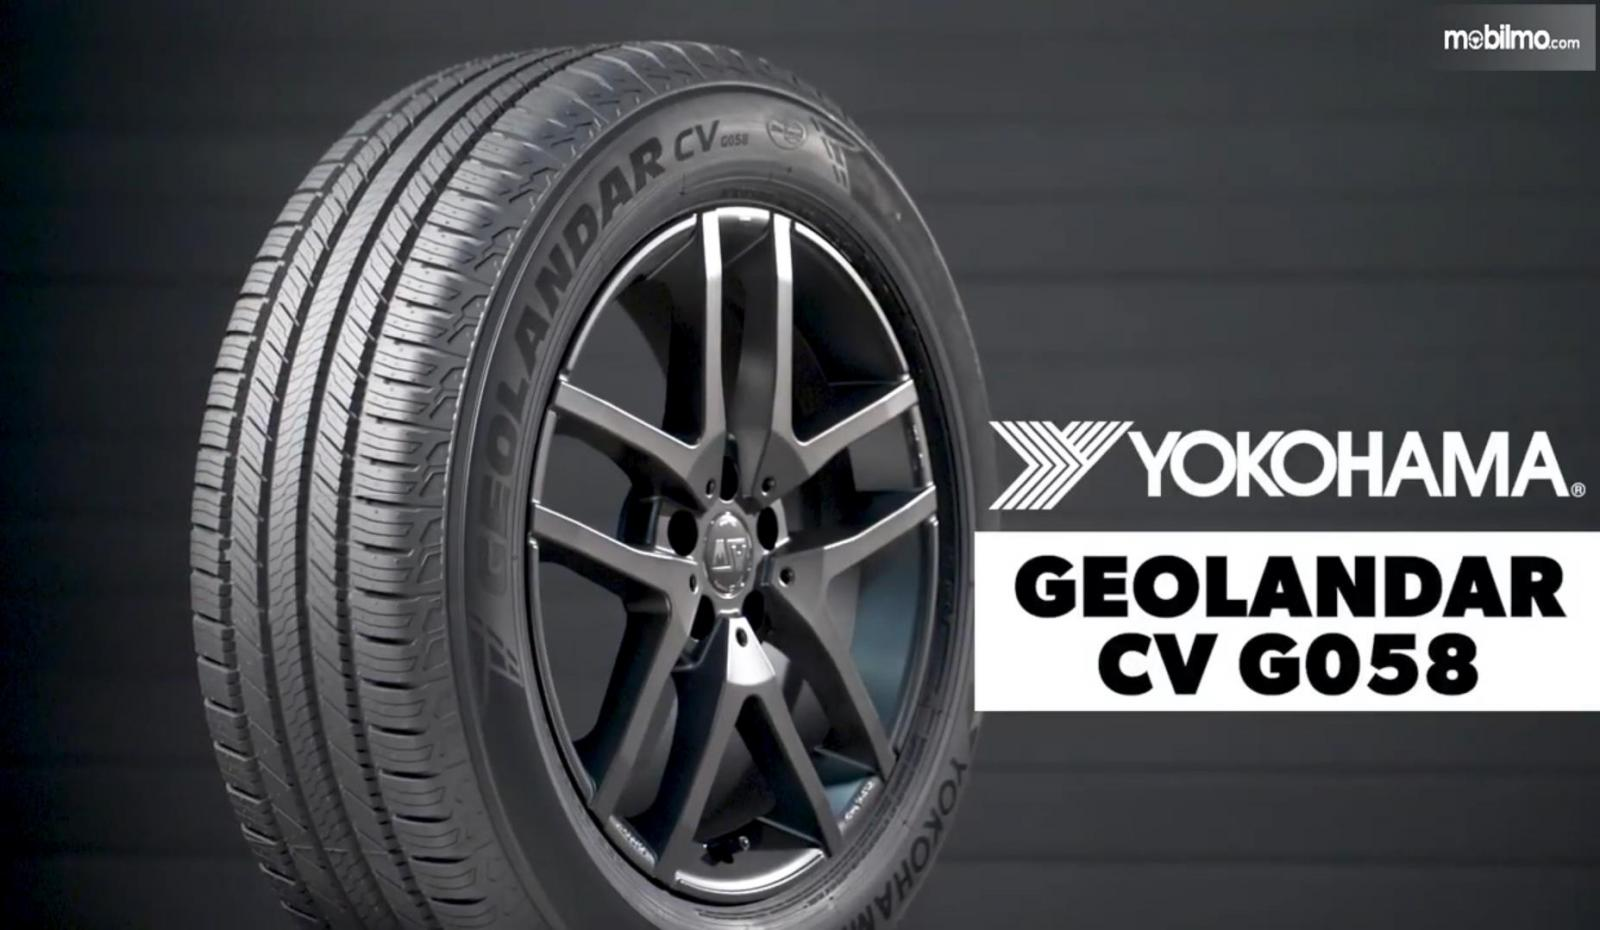 Gambar ini menunjukkan ban mobil Ban Geolandar CV G058